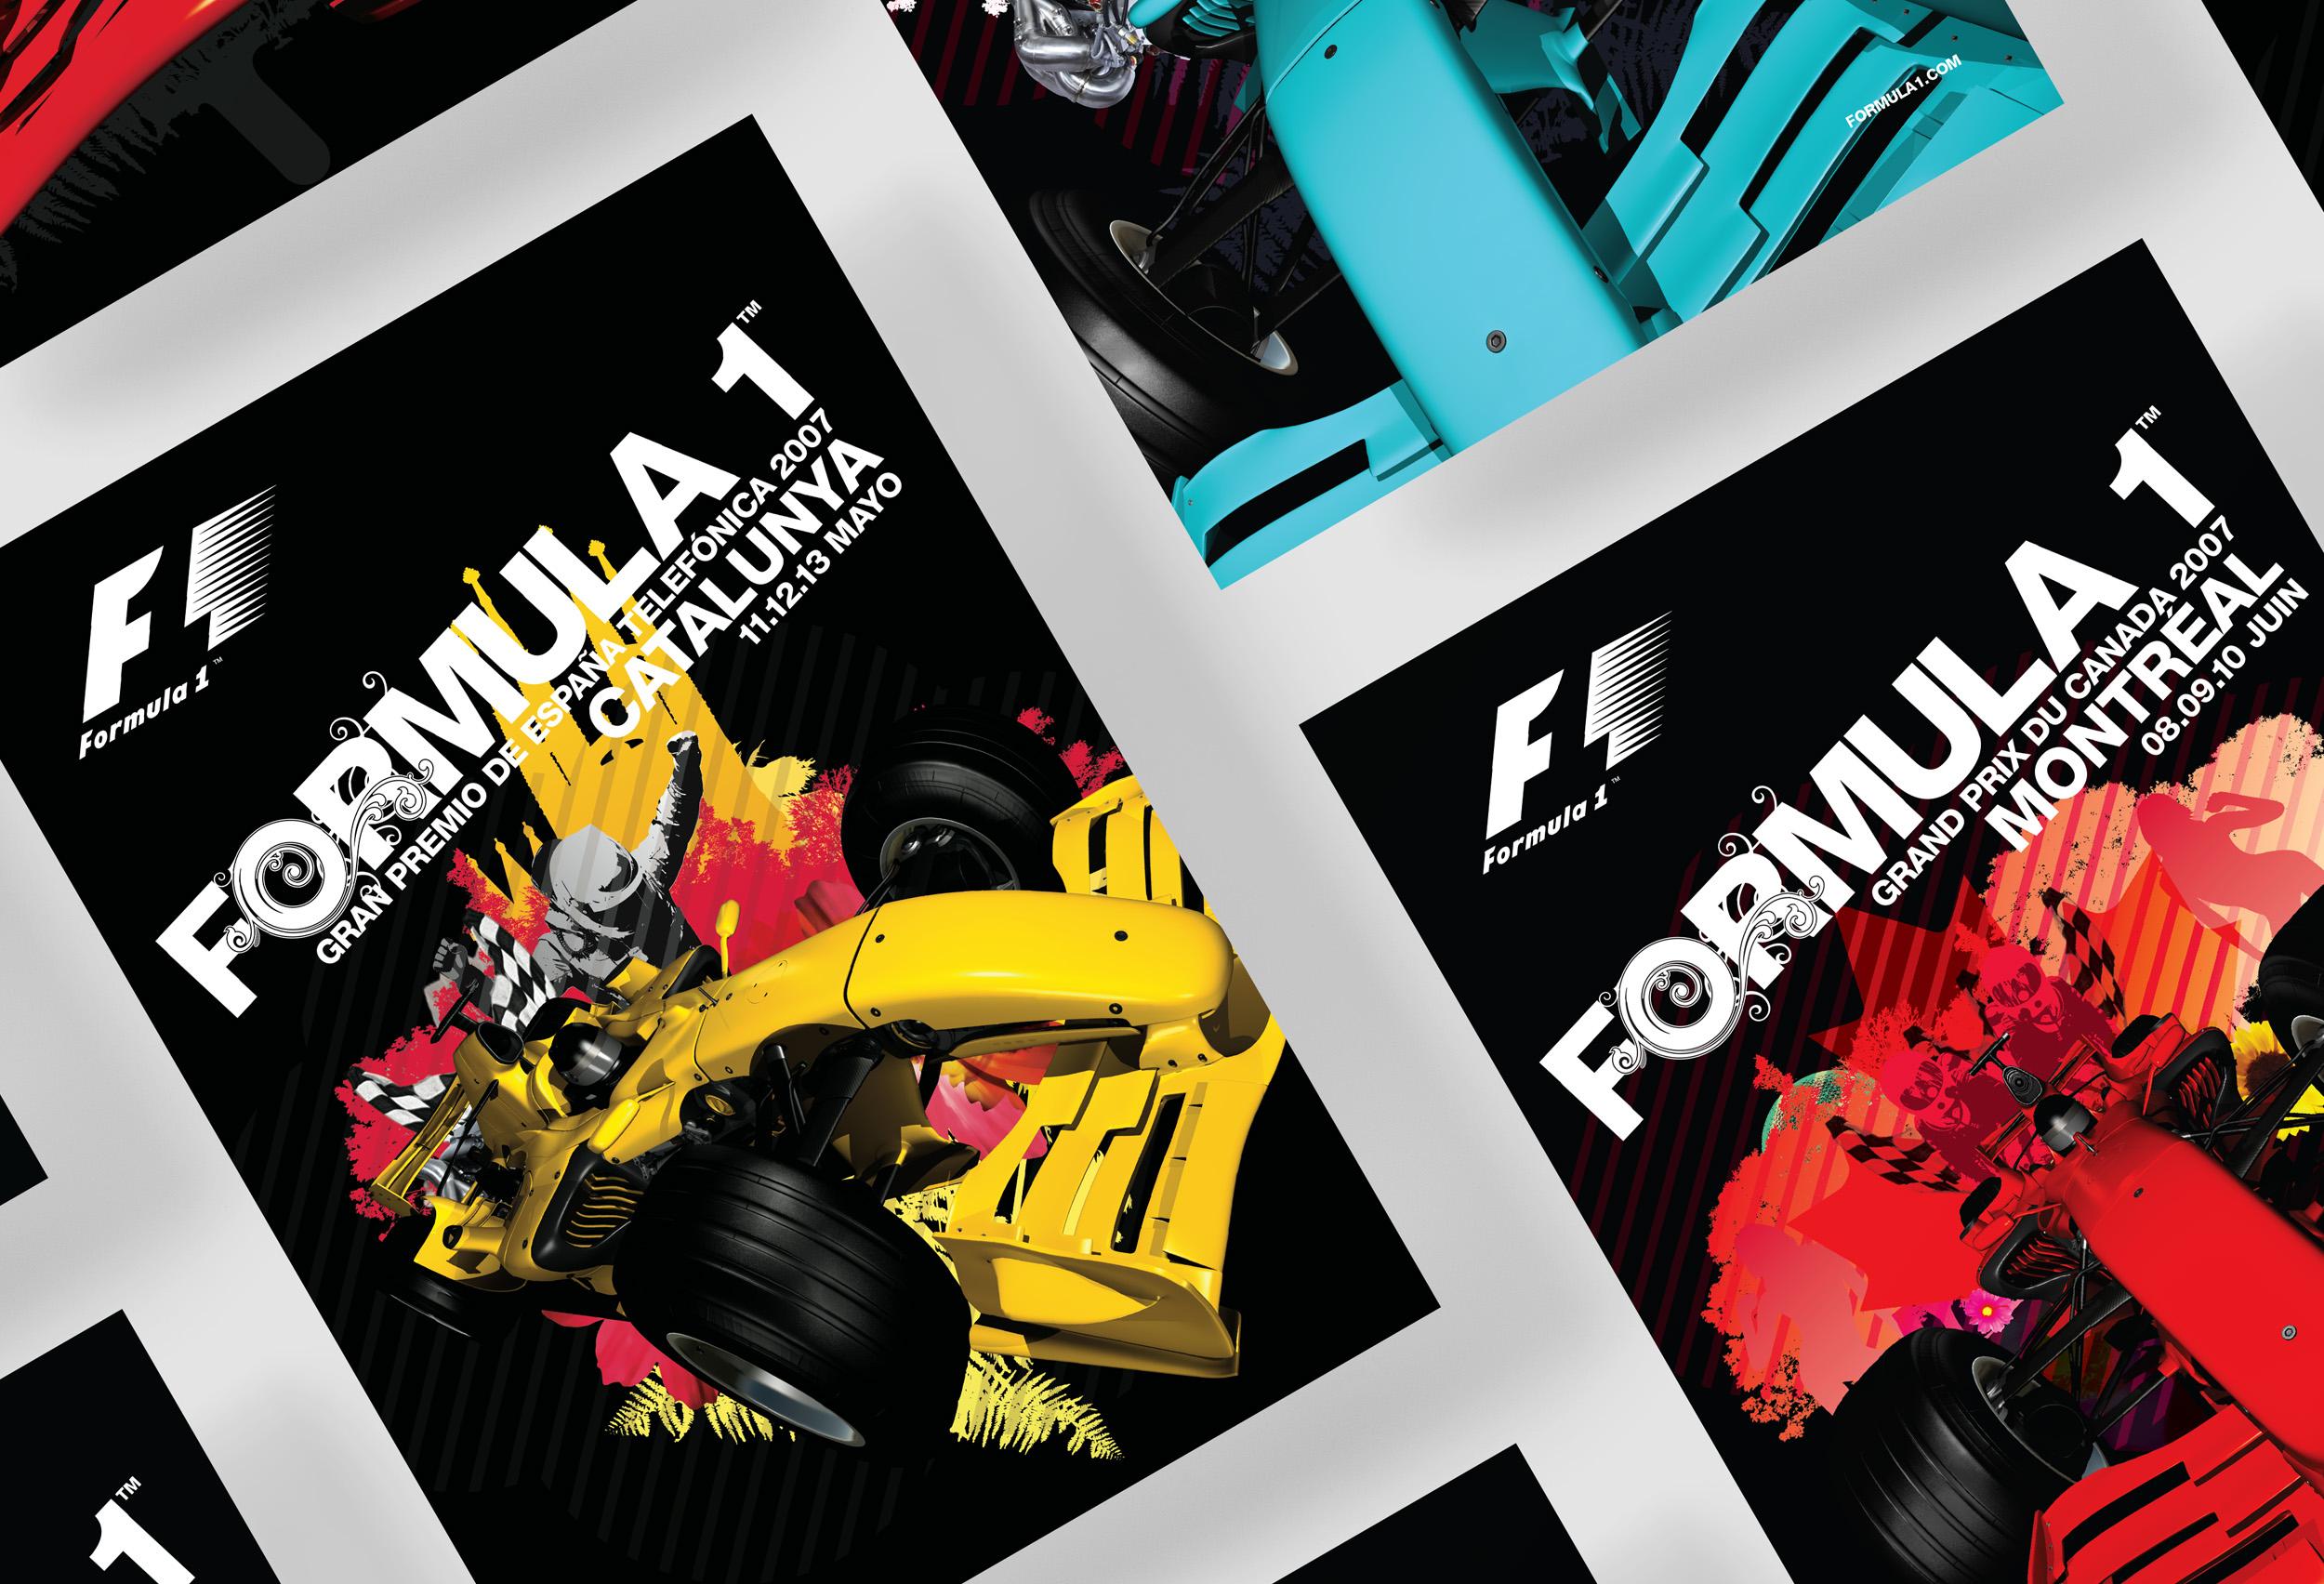 Formula 1 - Design, Illustration & Art Direction